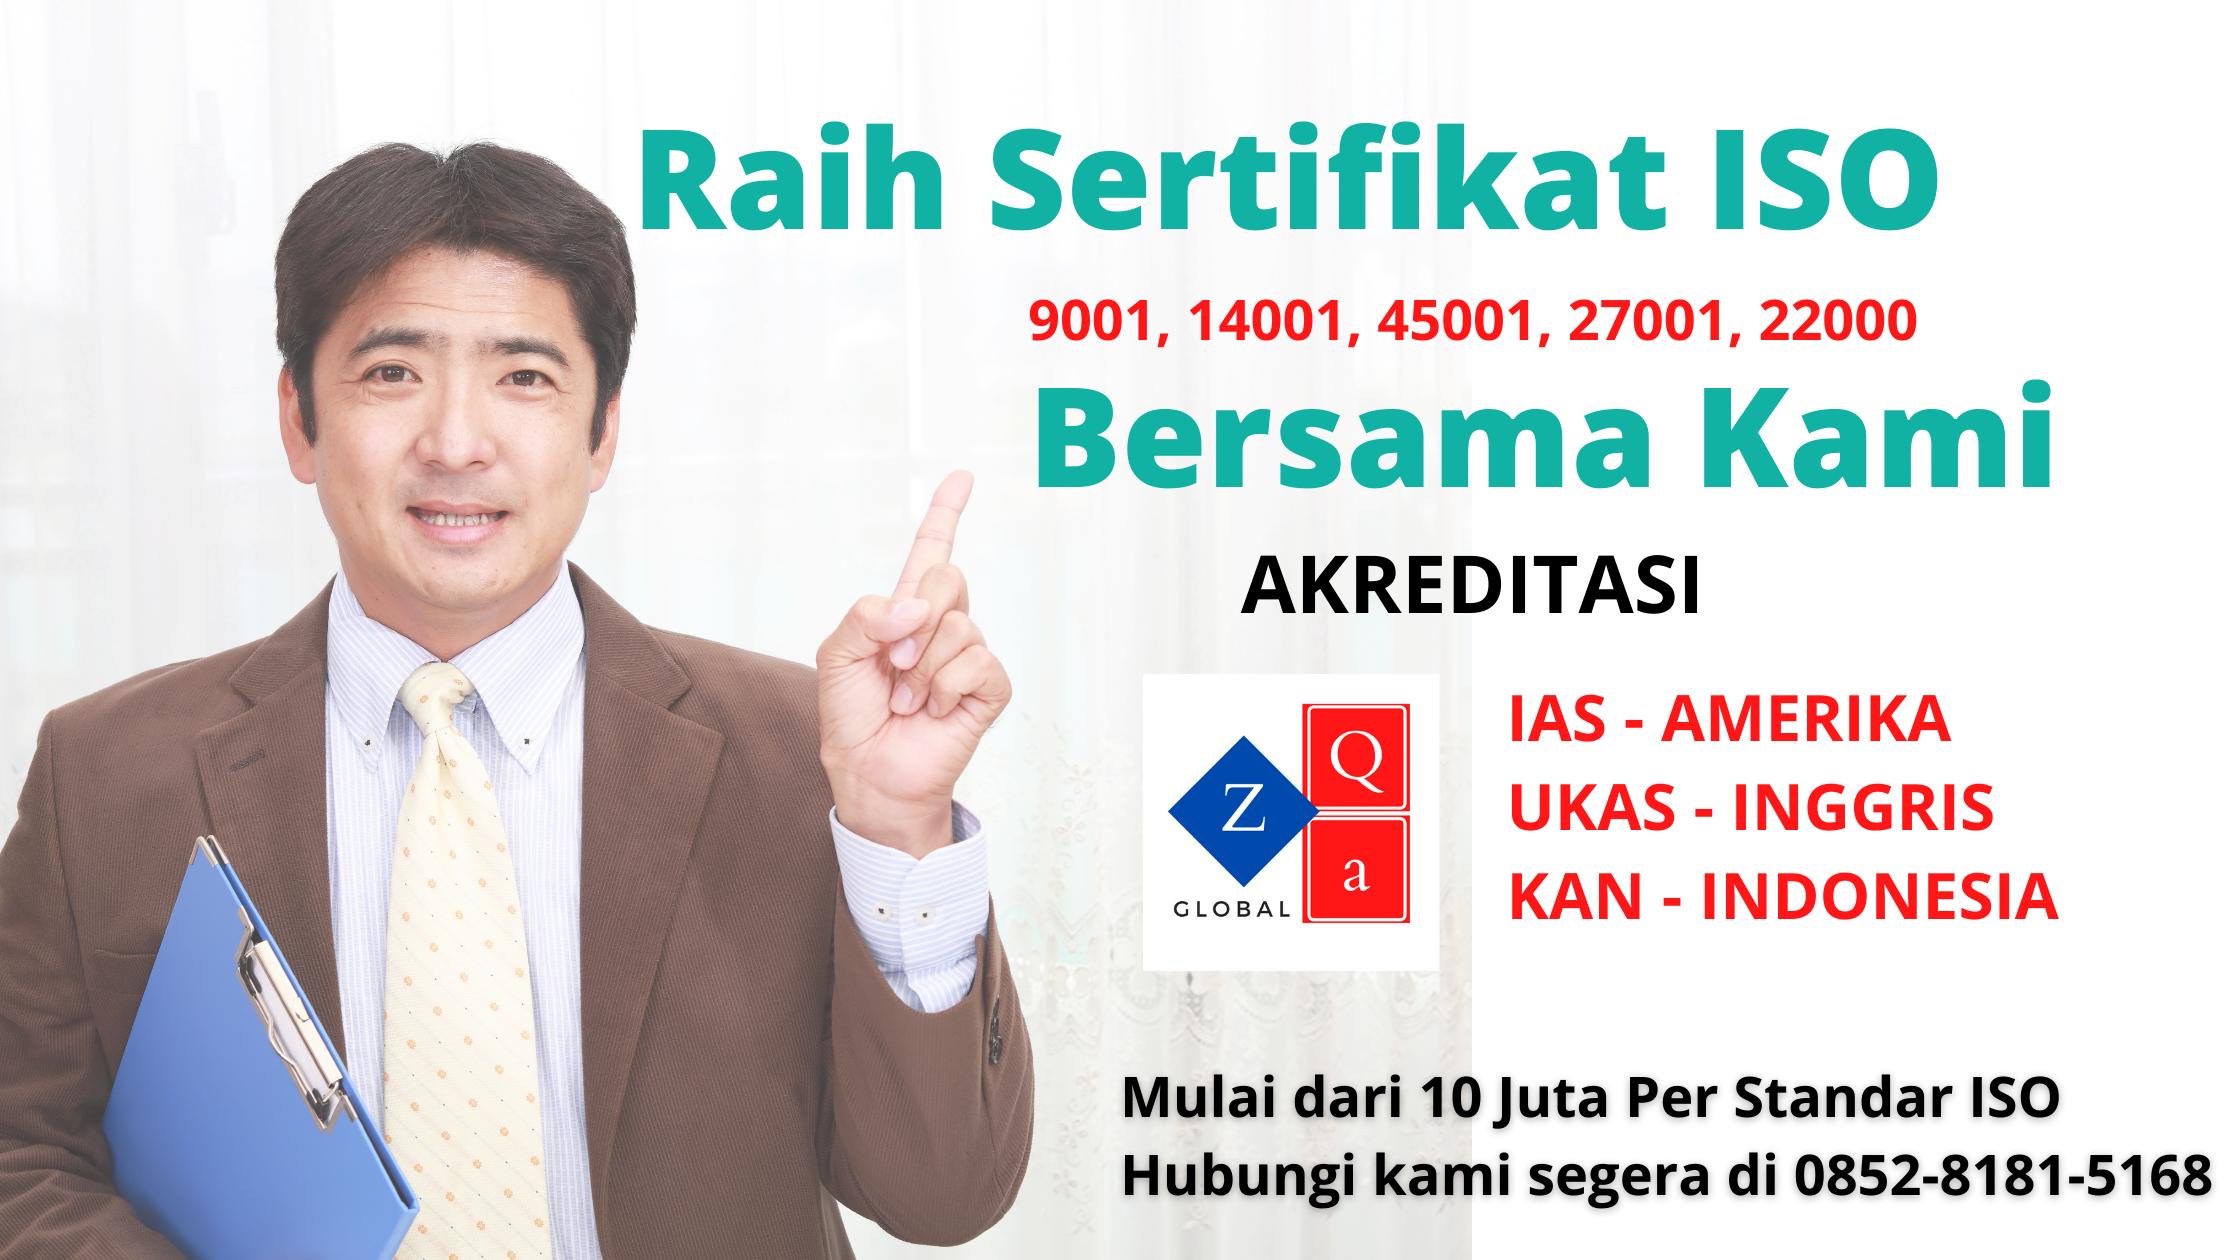 Sertifikat ISO Harga Promo 2020